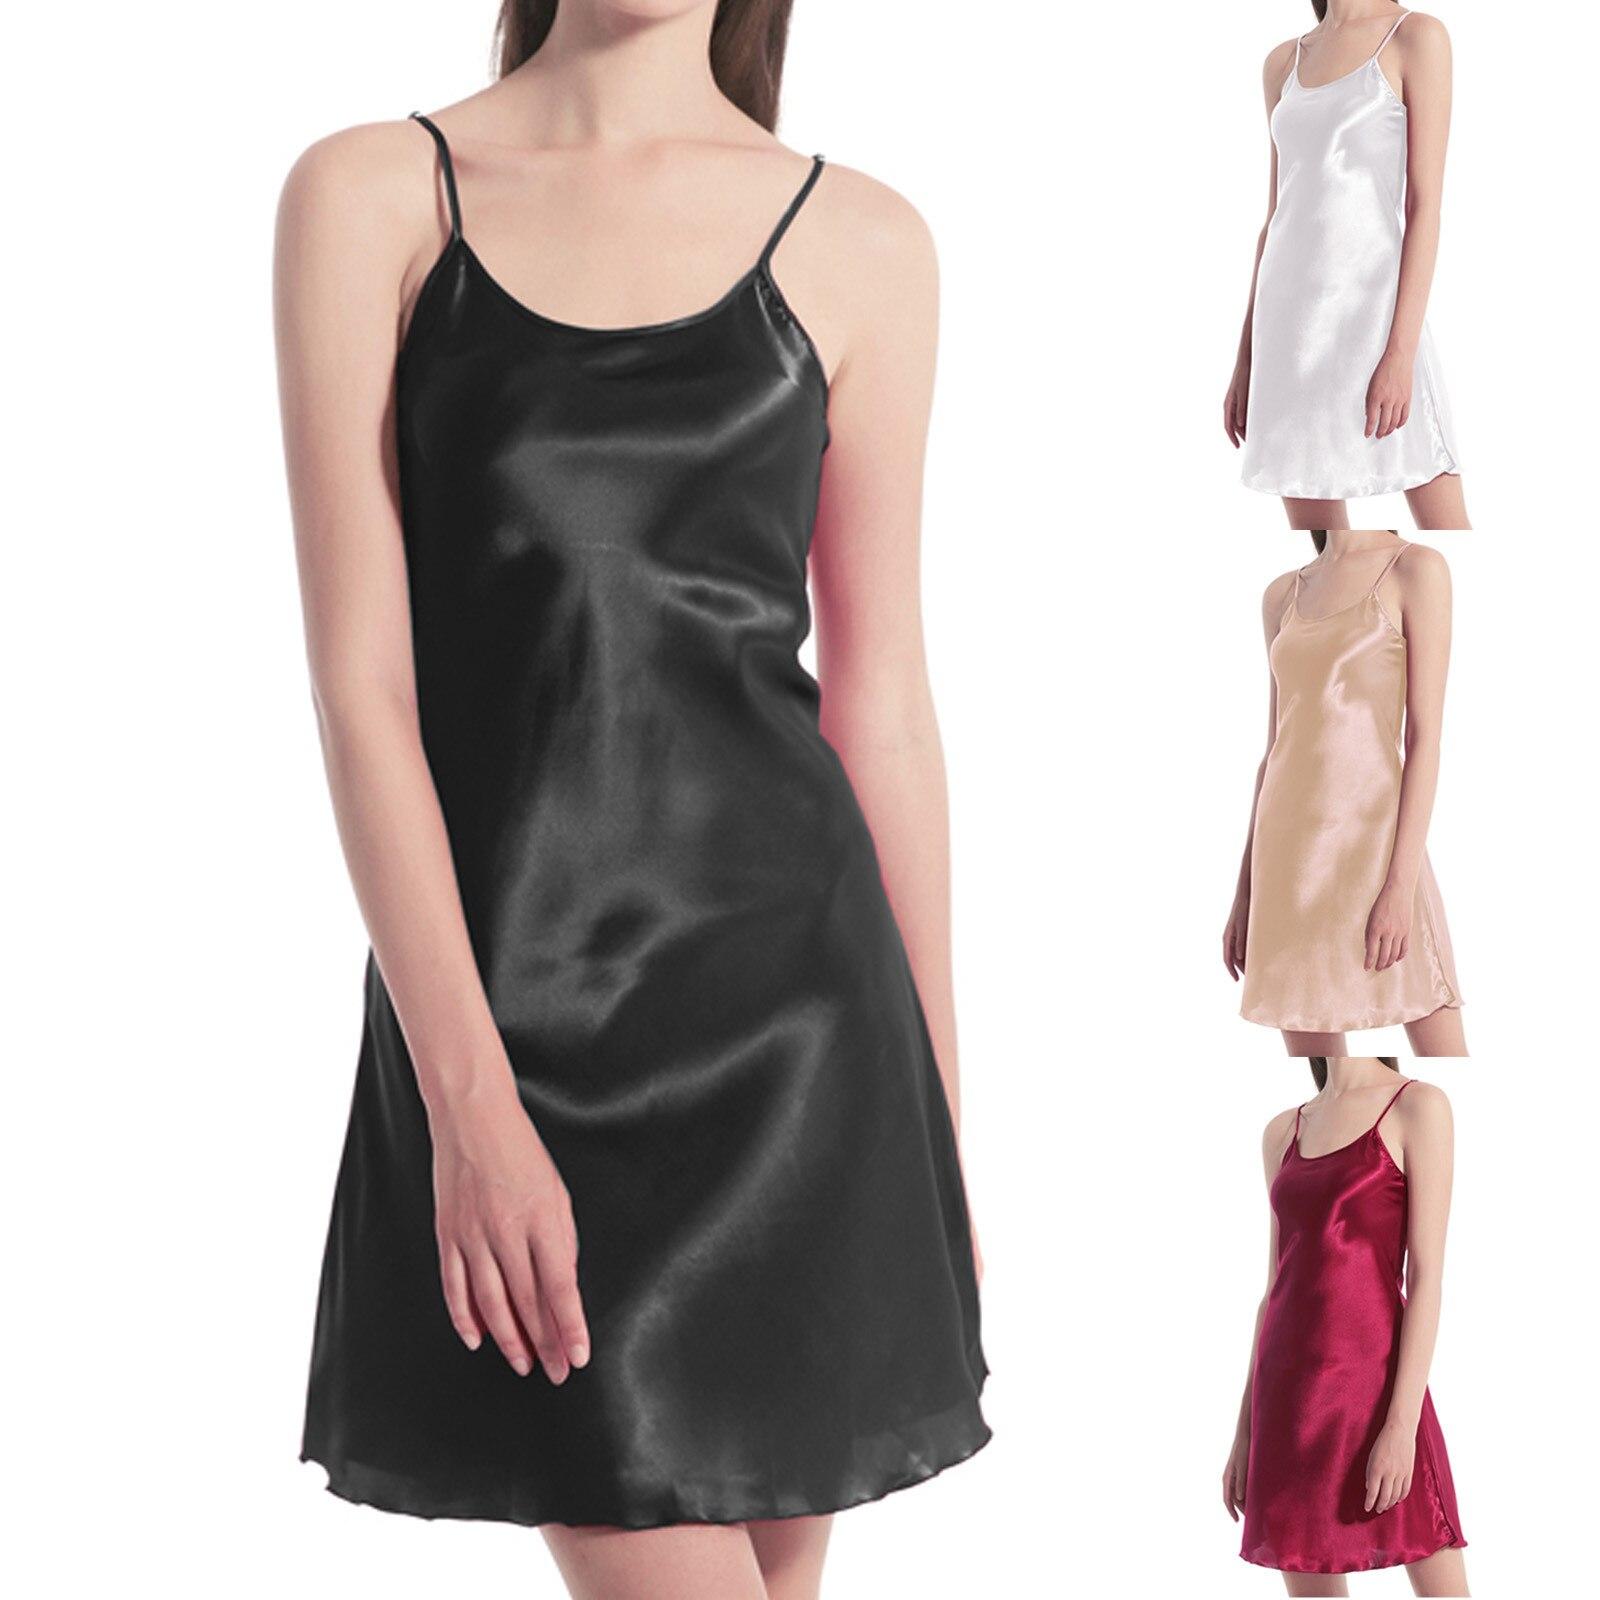 Las mujeres ropa interior de una pieza de Una honda o-Cuello interior...